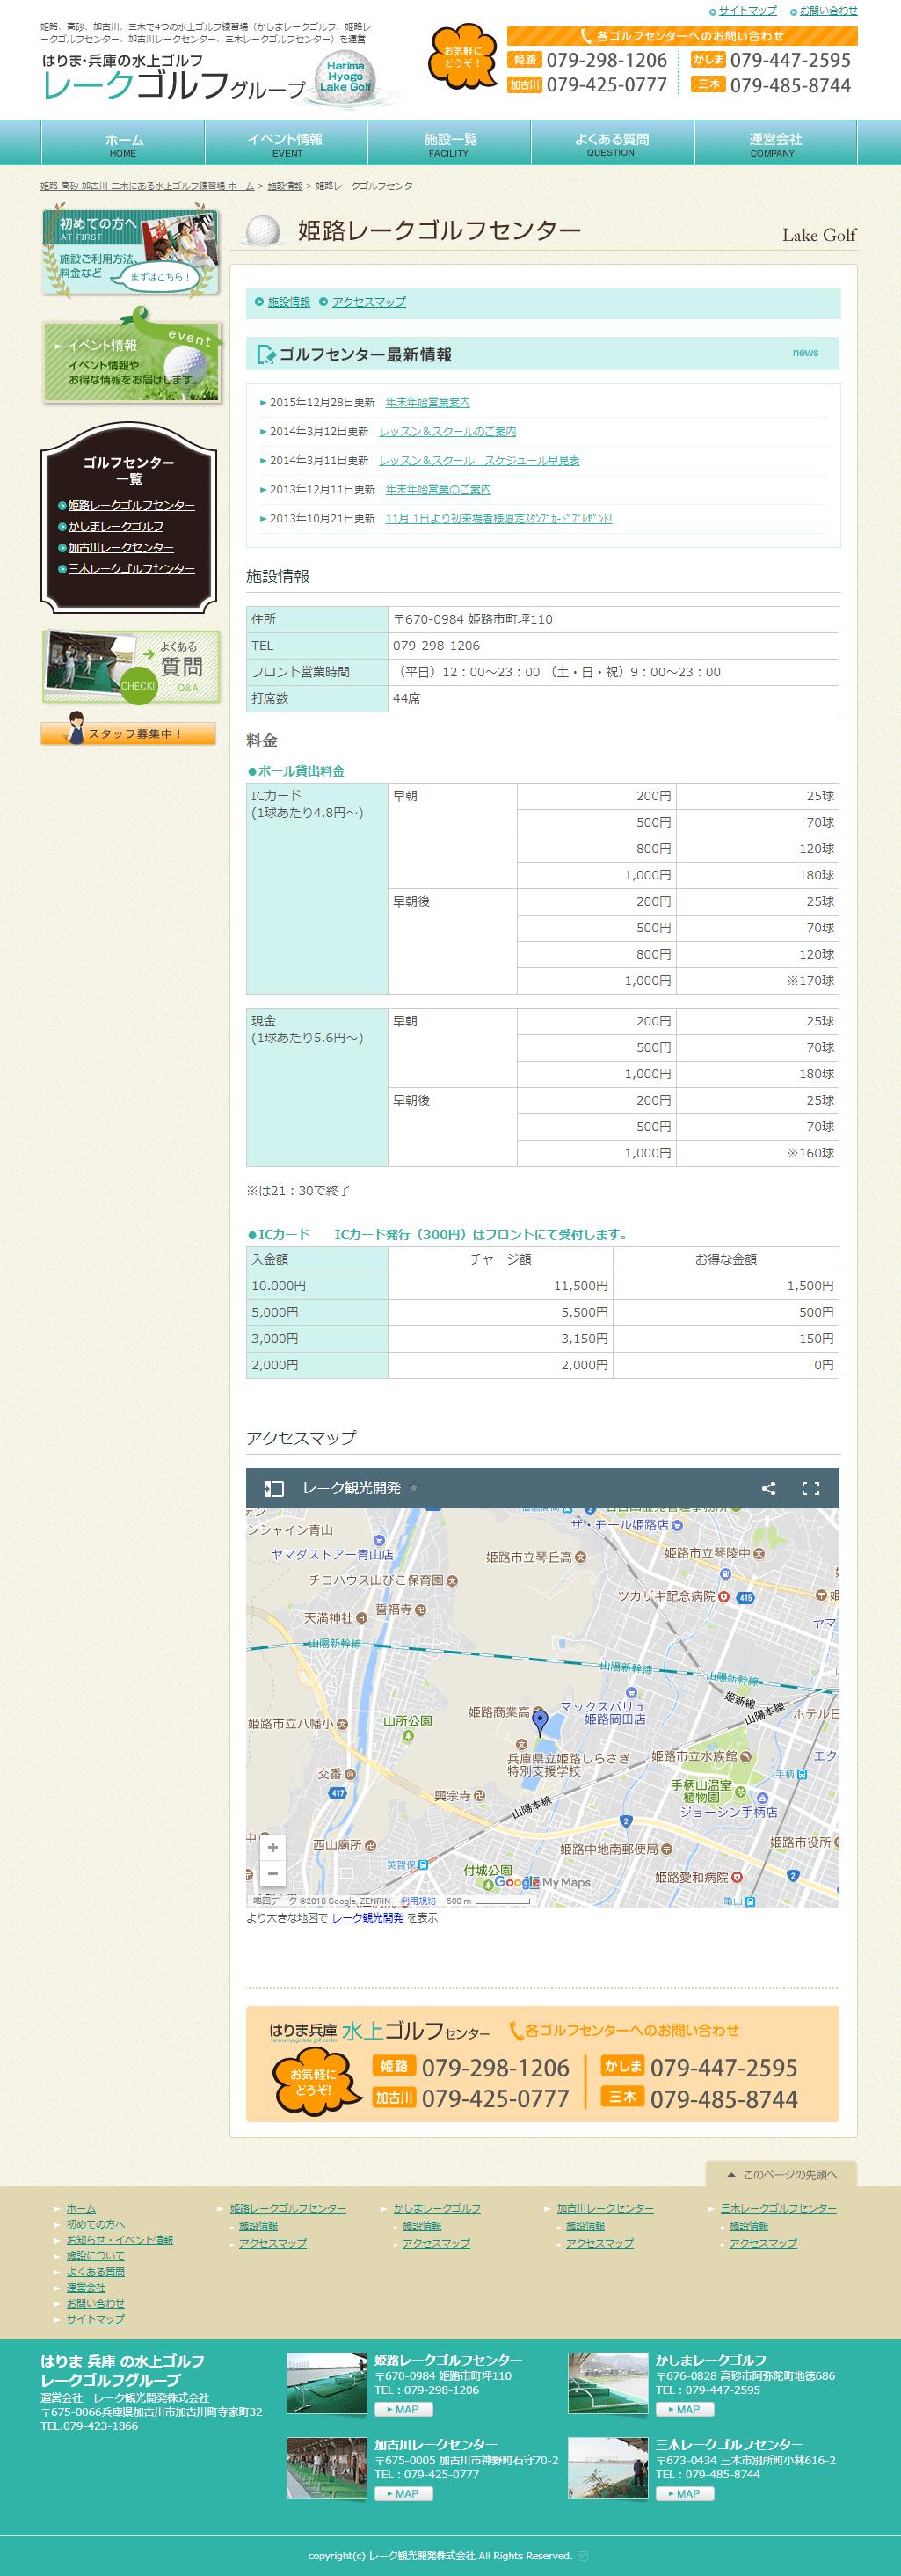 姫路市 レークゴルフグループ様 ホームページ制作2